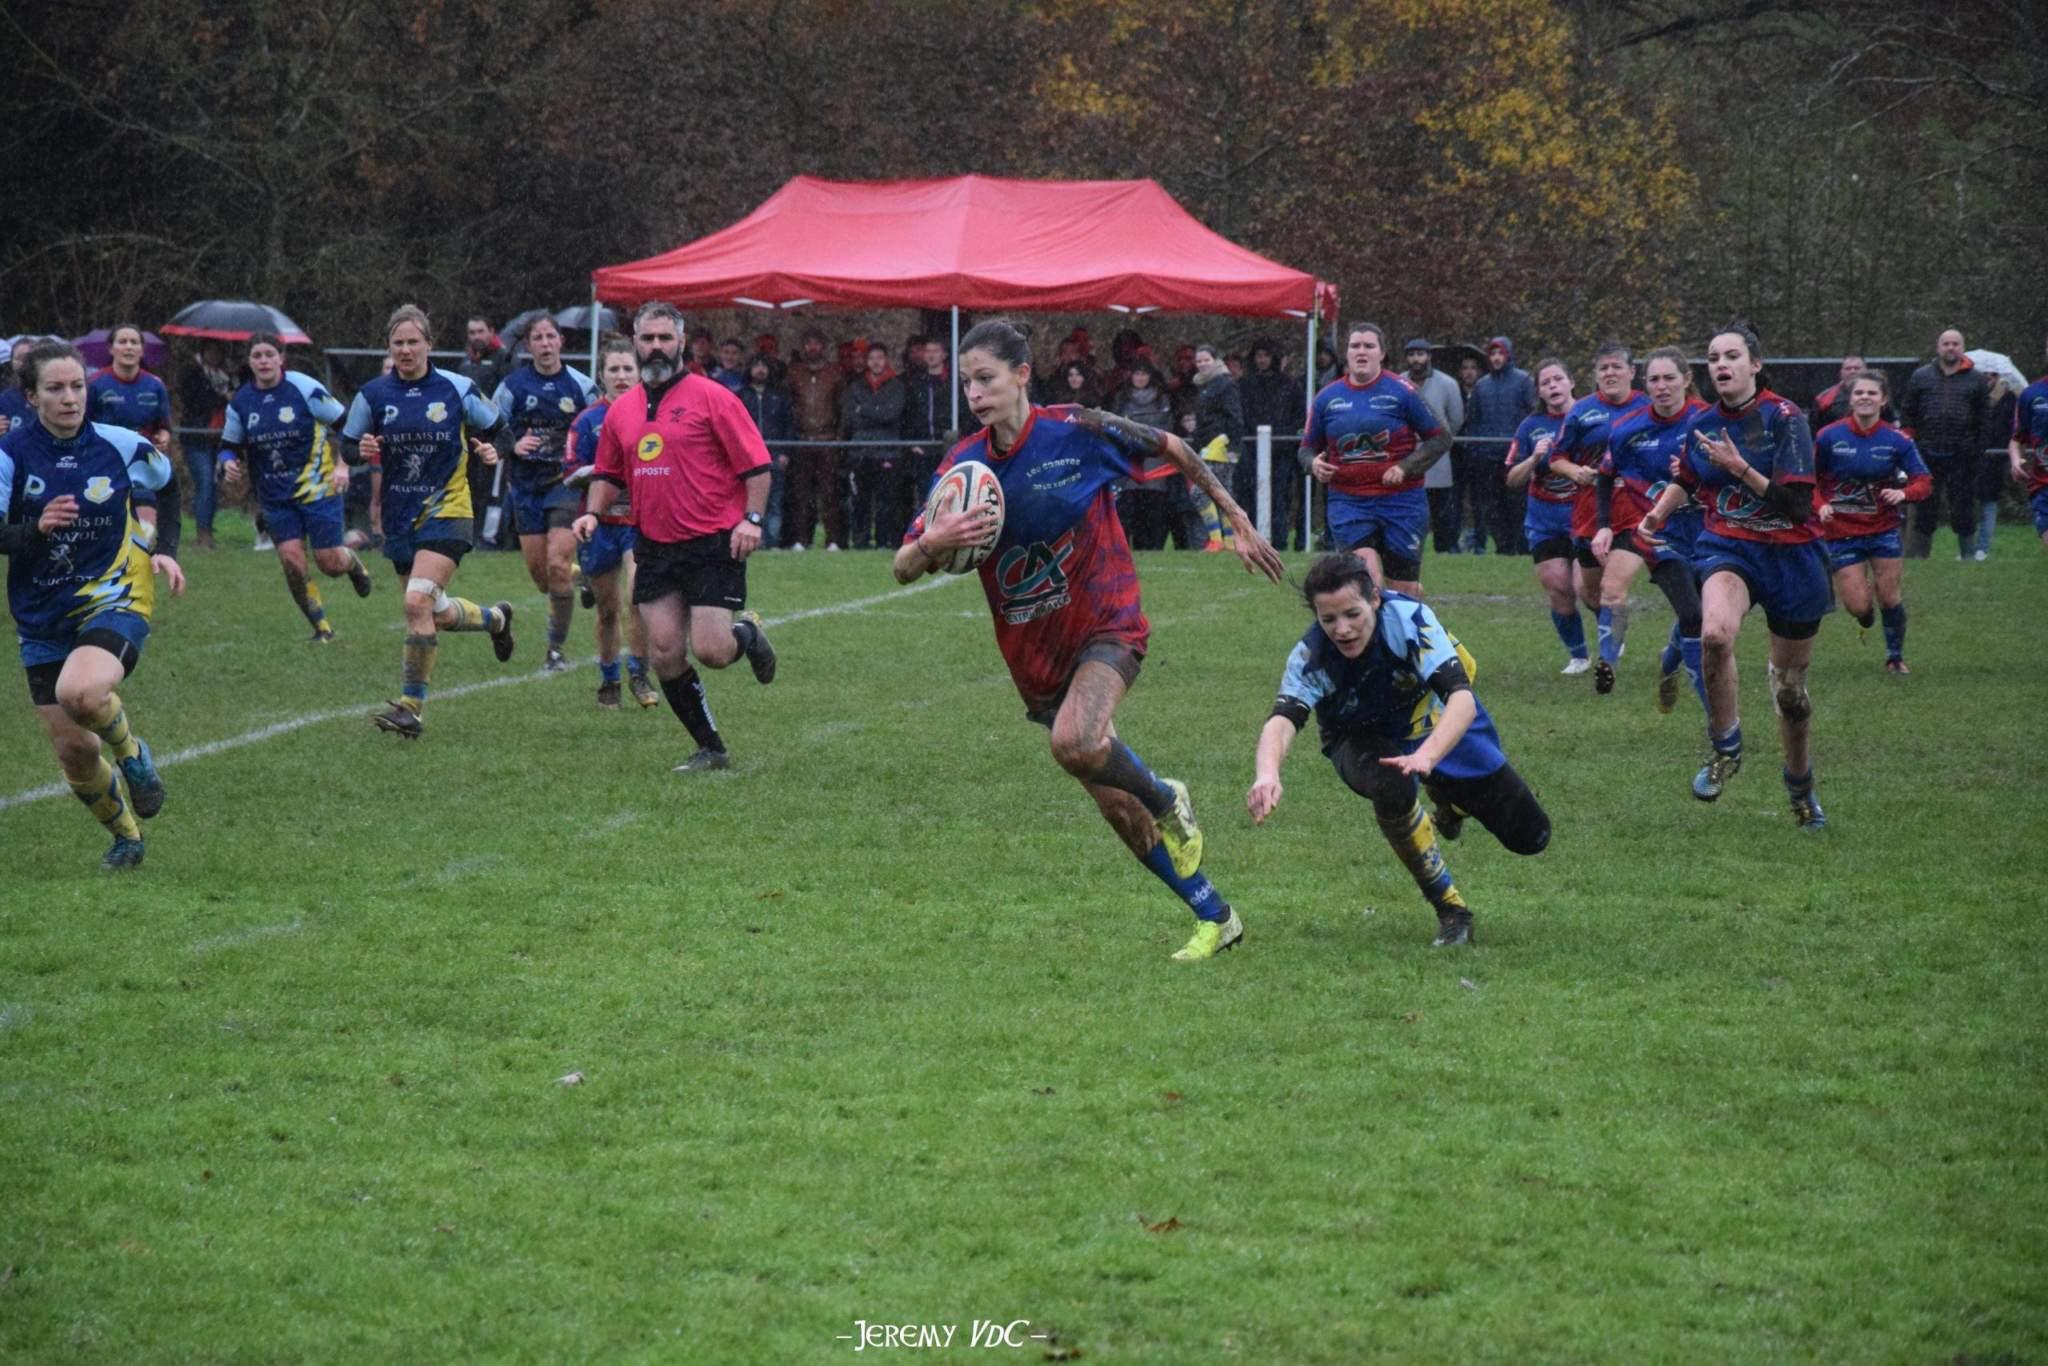 Reverra-t-on du rugby féminin à X en Nouvelle-Aquitaine avant la fin de saison ? (archive photo Jeremy VdC - RugbyAmateur.fr)